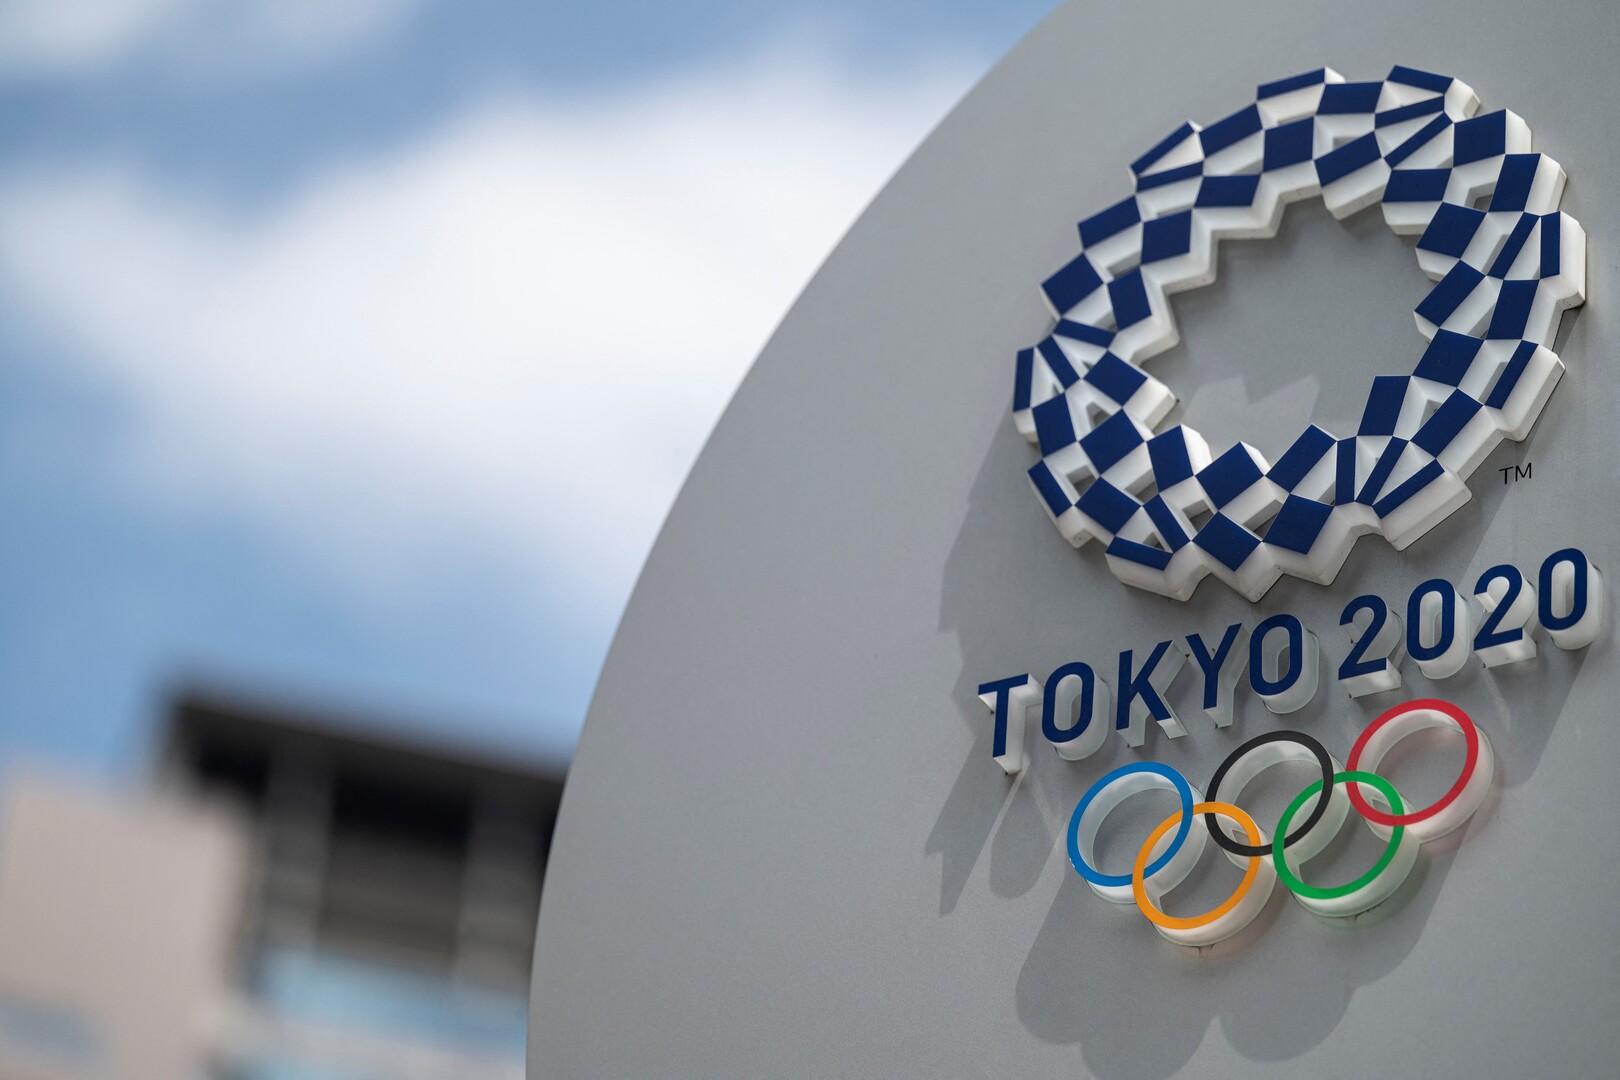 حظر الحضور الجماهيري في الأولمبياد مطروح